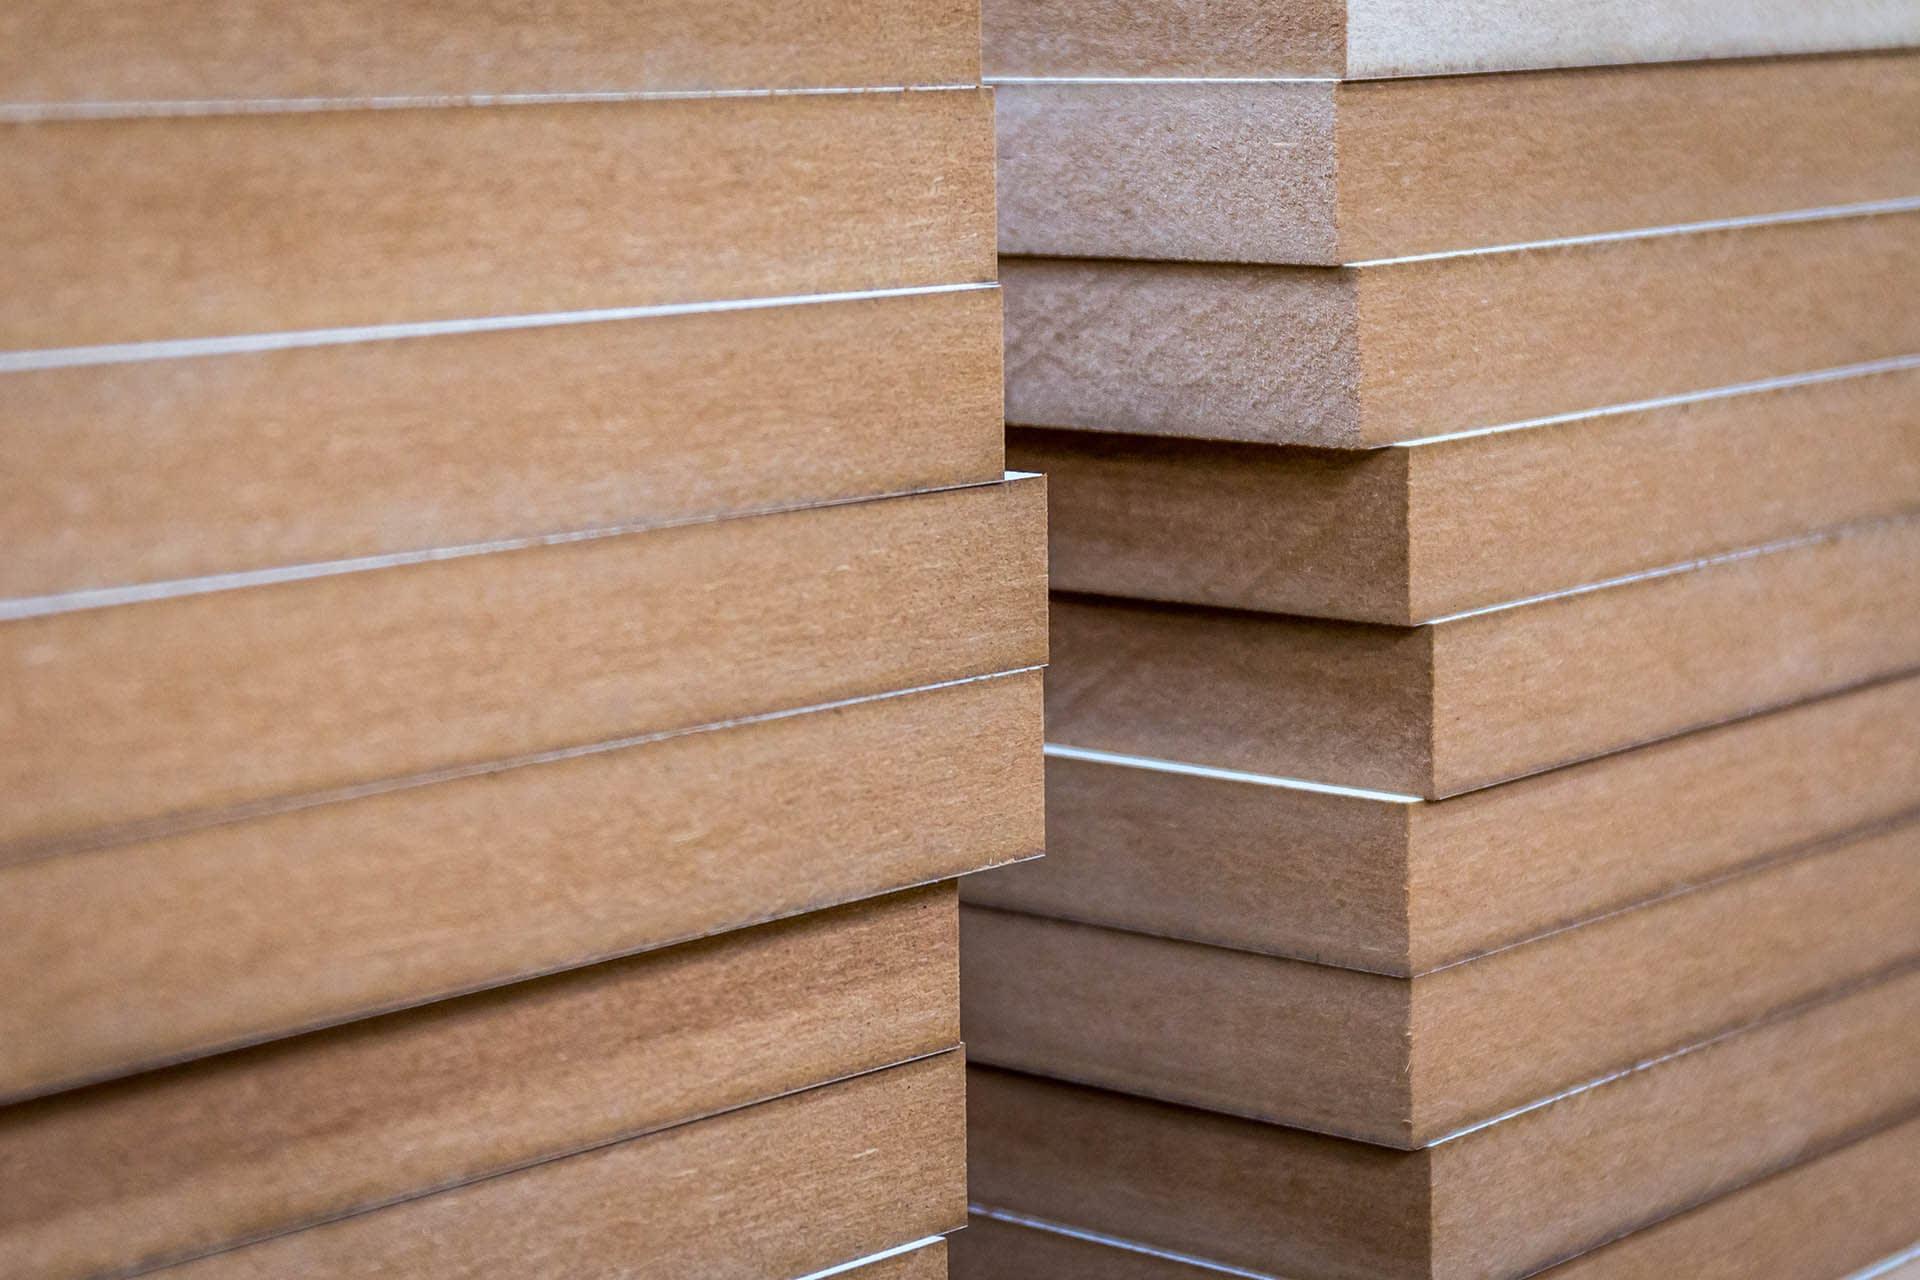 mdf boards (multi-density fibreboard) sheet materials